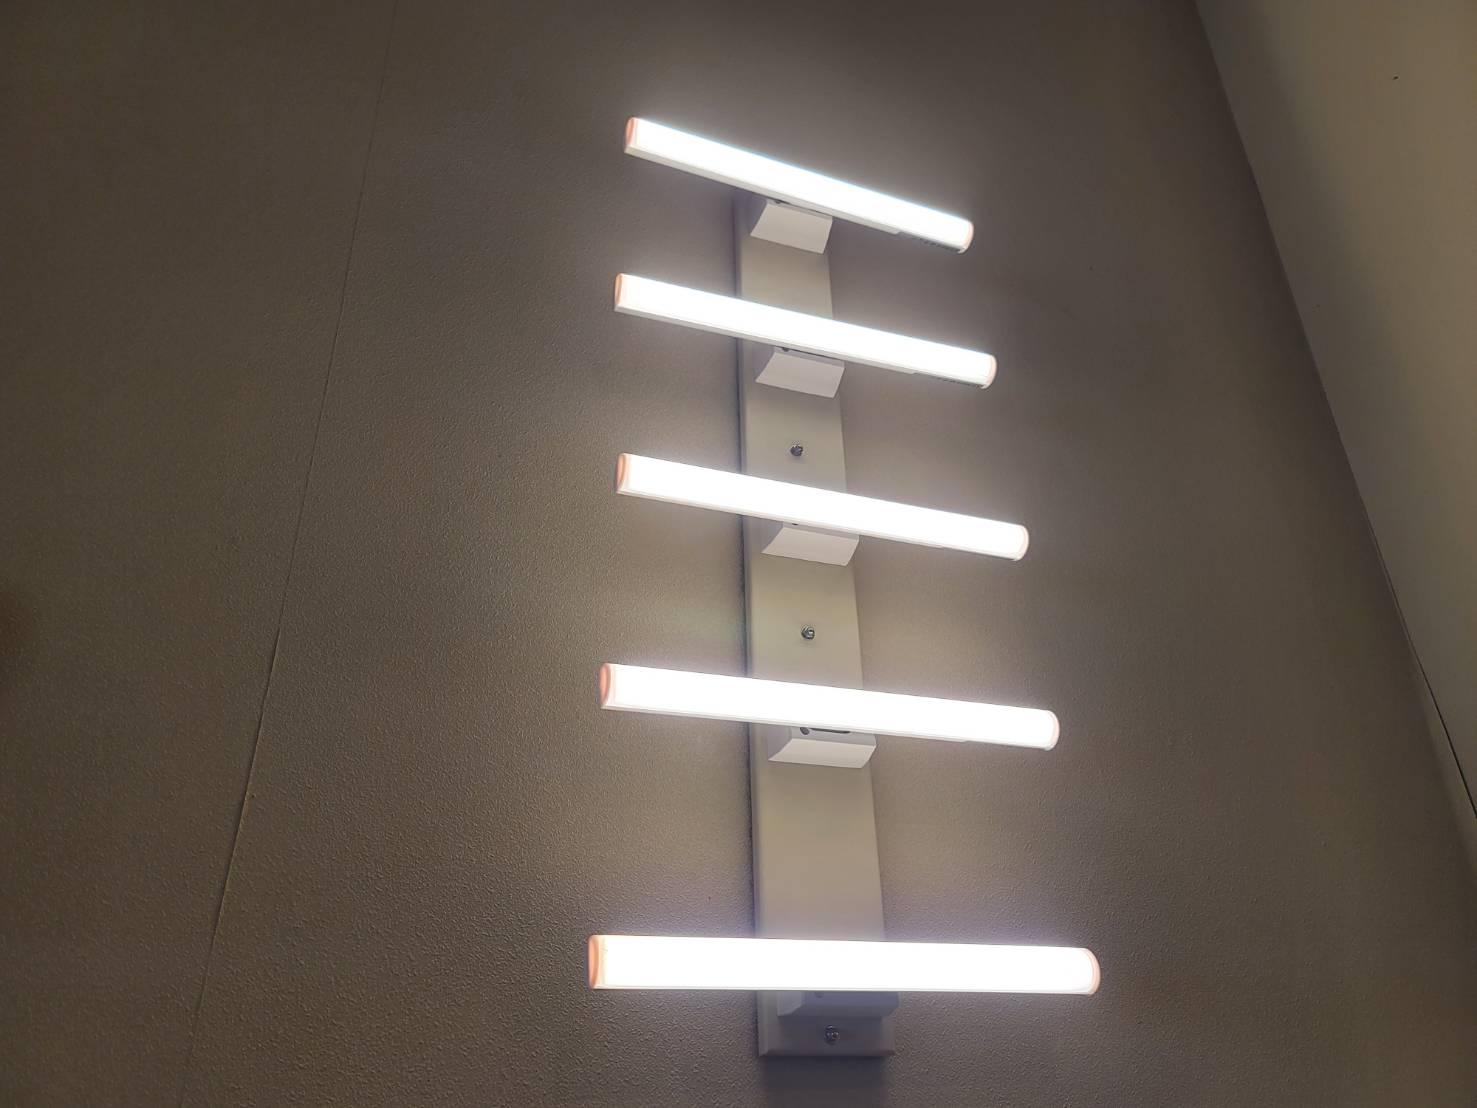 LEDリネストラランプ点灯状況